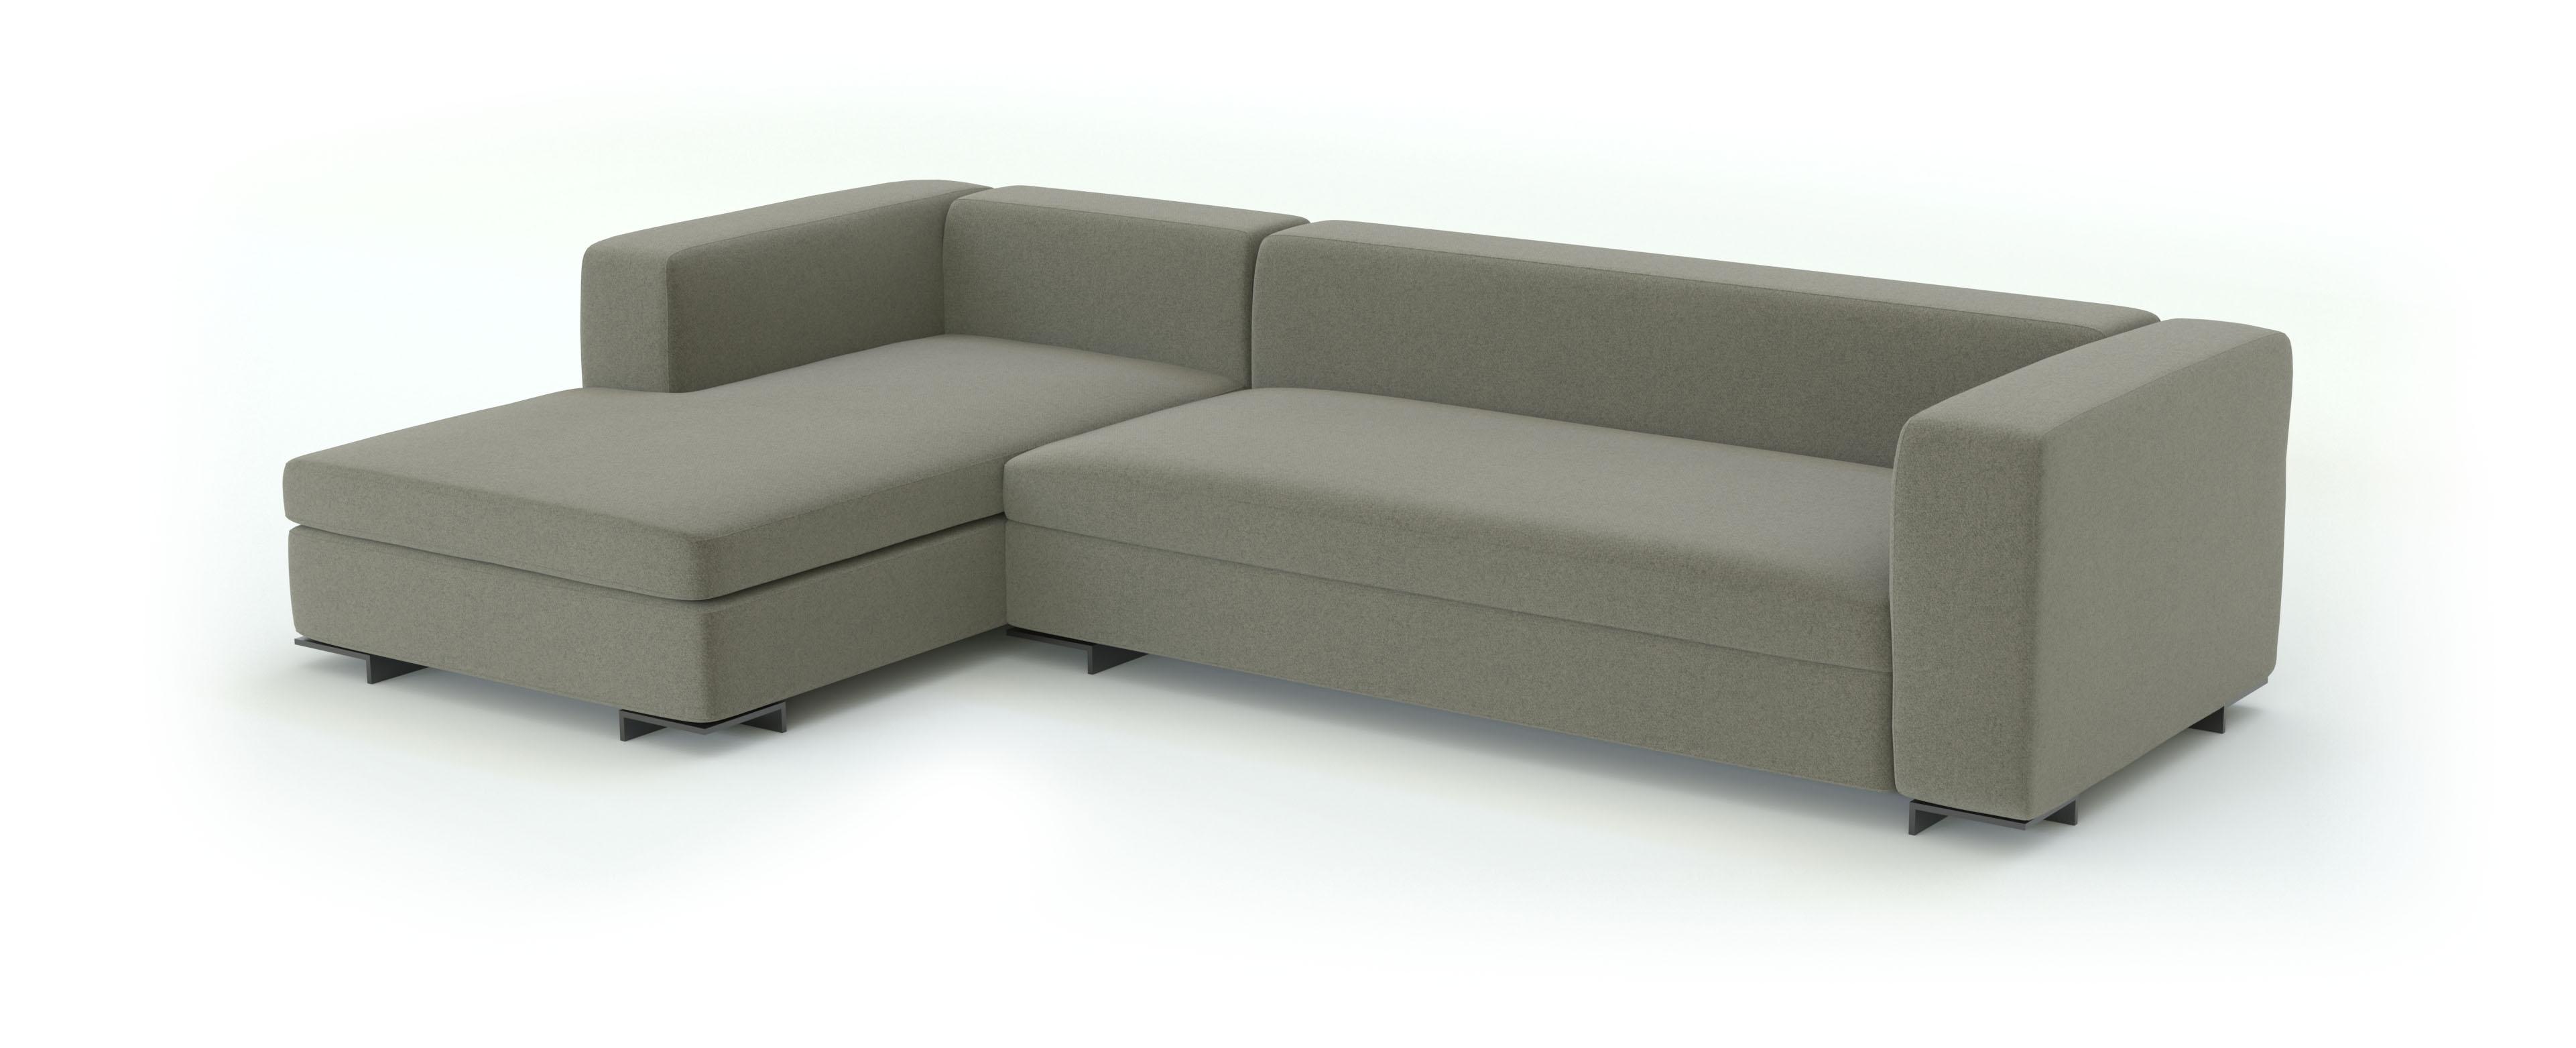 шерсть ткань для мебели 3d модель дивана